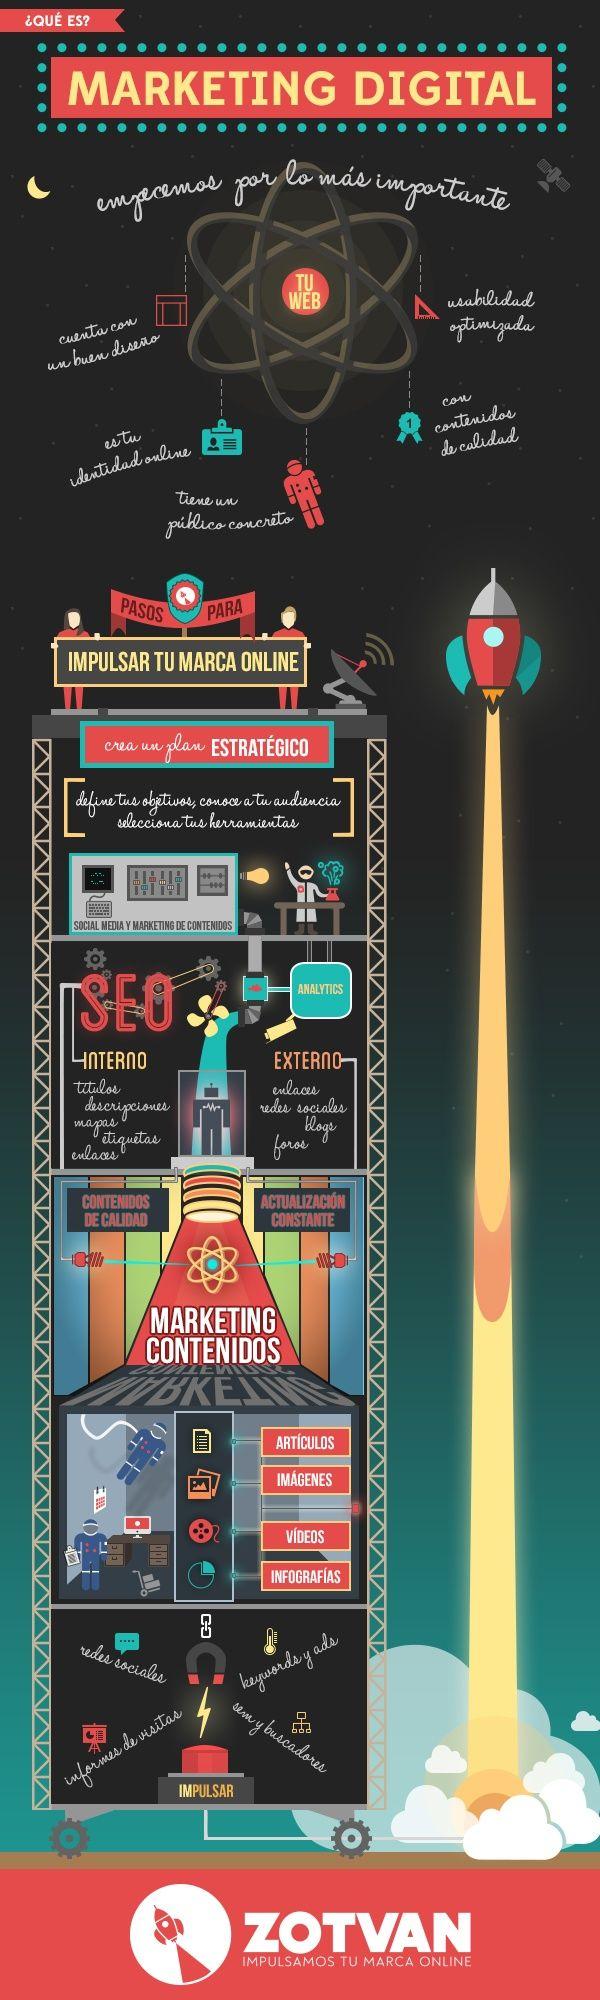 Qué es el Marketing Digital #infografia